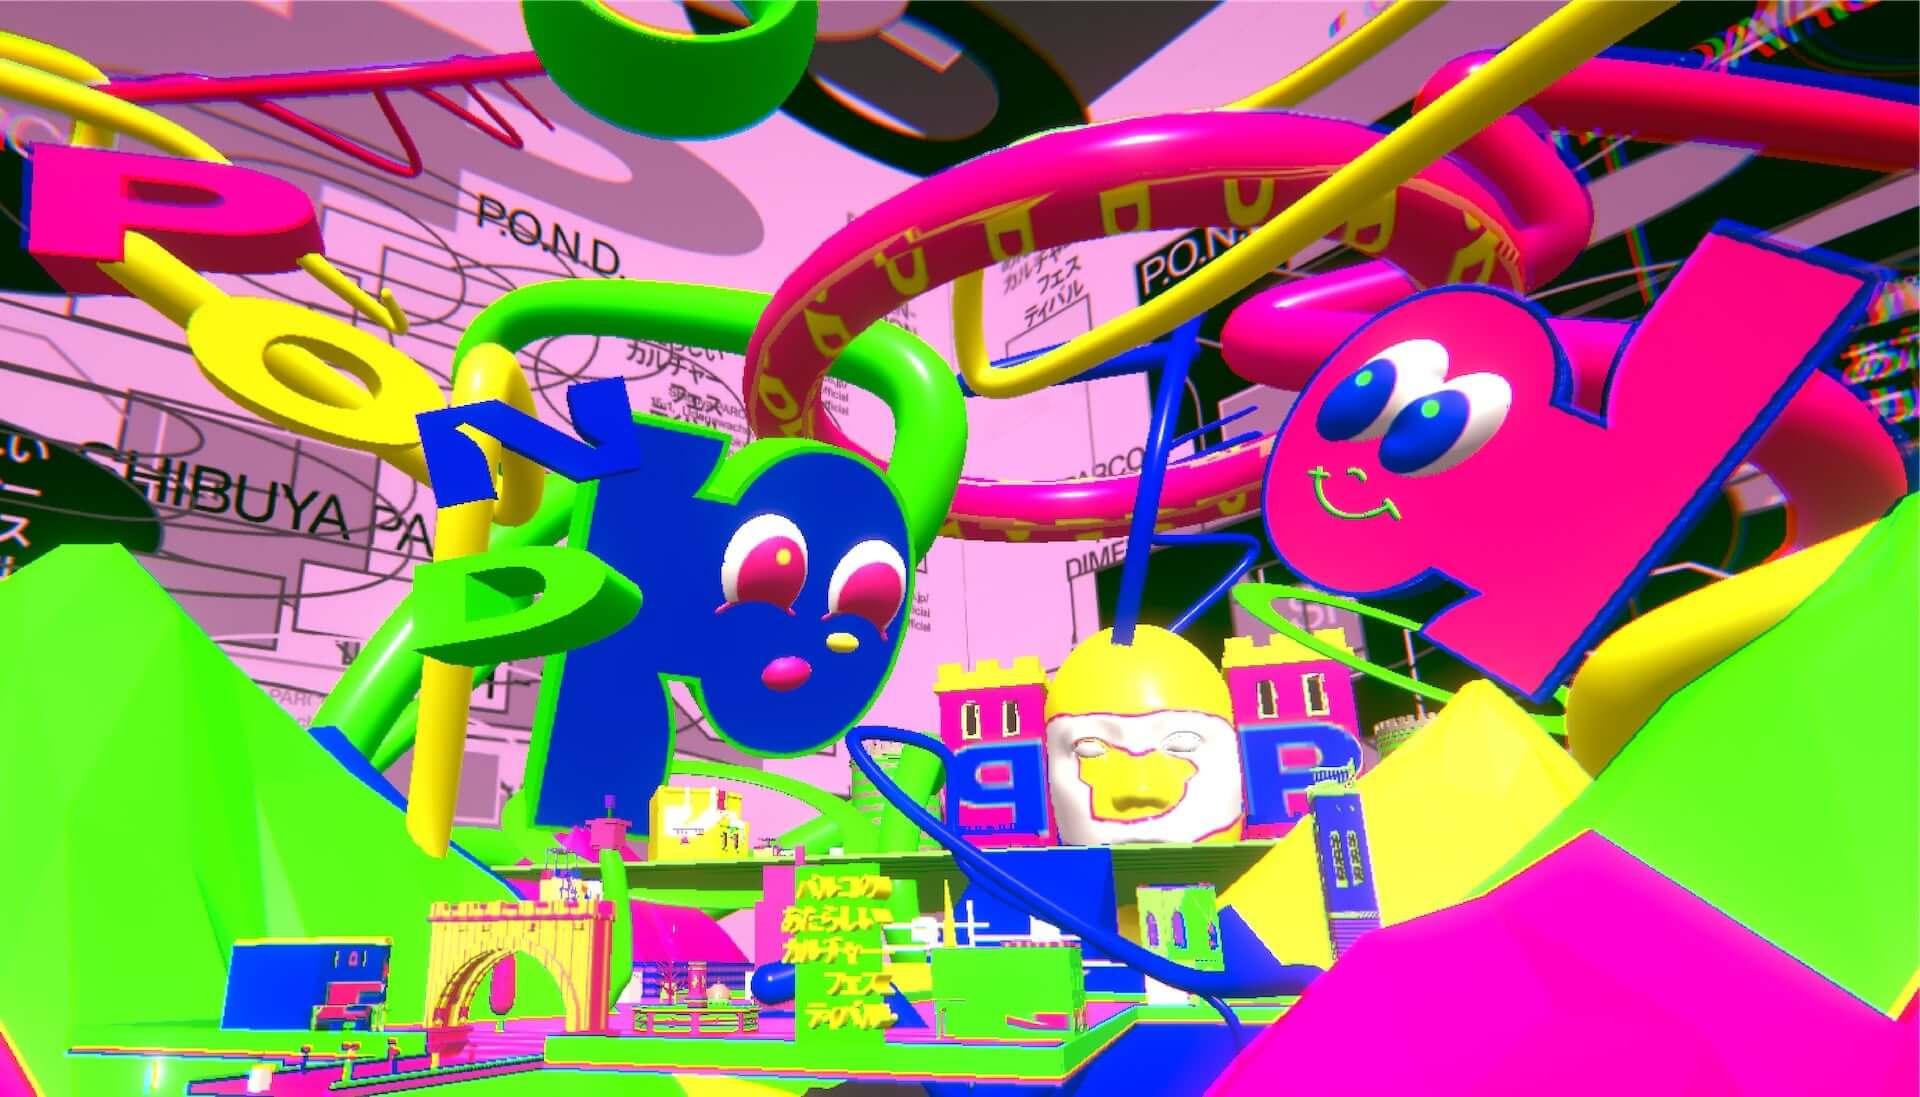 渋谷PARCOを舞台にしたカルチャーフェス<P.O.N.D.>の追加コンテンツが続々決定!betcover!!、illiomoteら出演のオープニングパーティーも開催 art201008_parco-pond_2-1920x1097